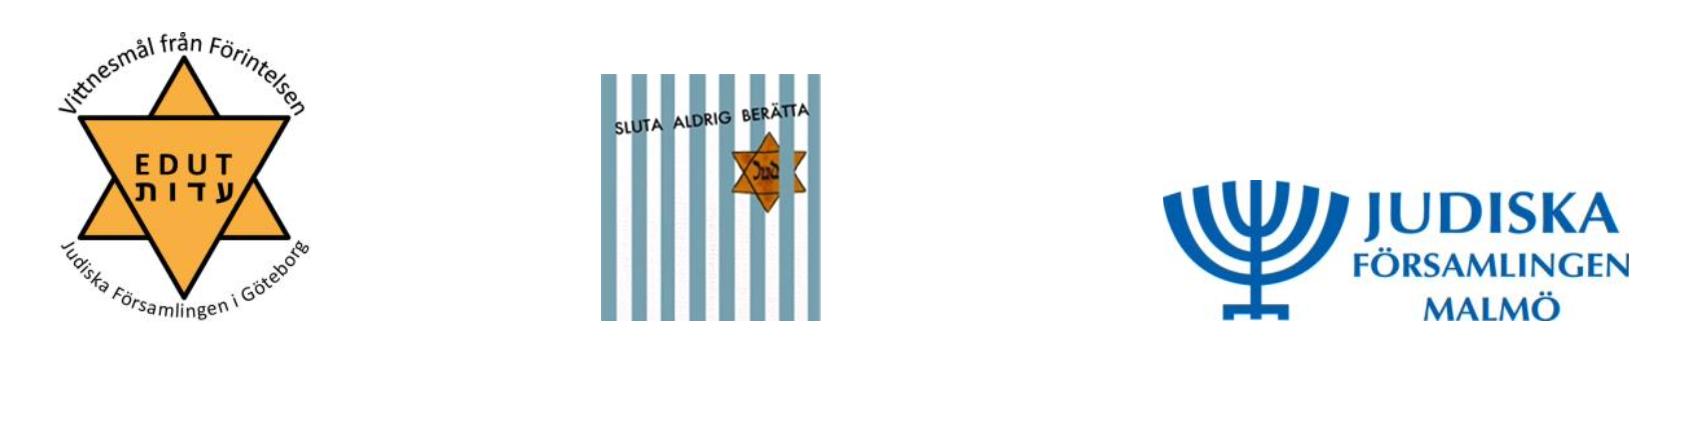 Logotyper för judiska församlingen i Göteborg och Malmö.